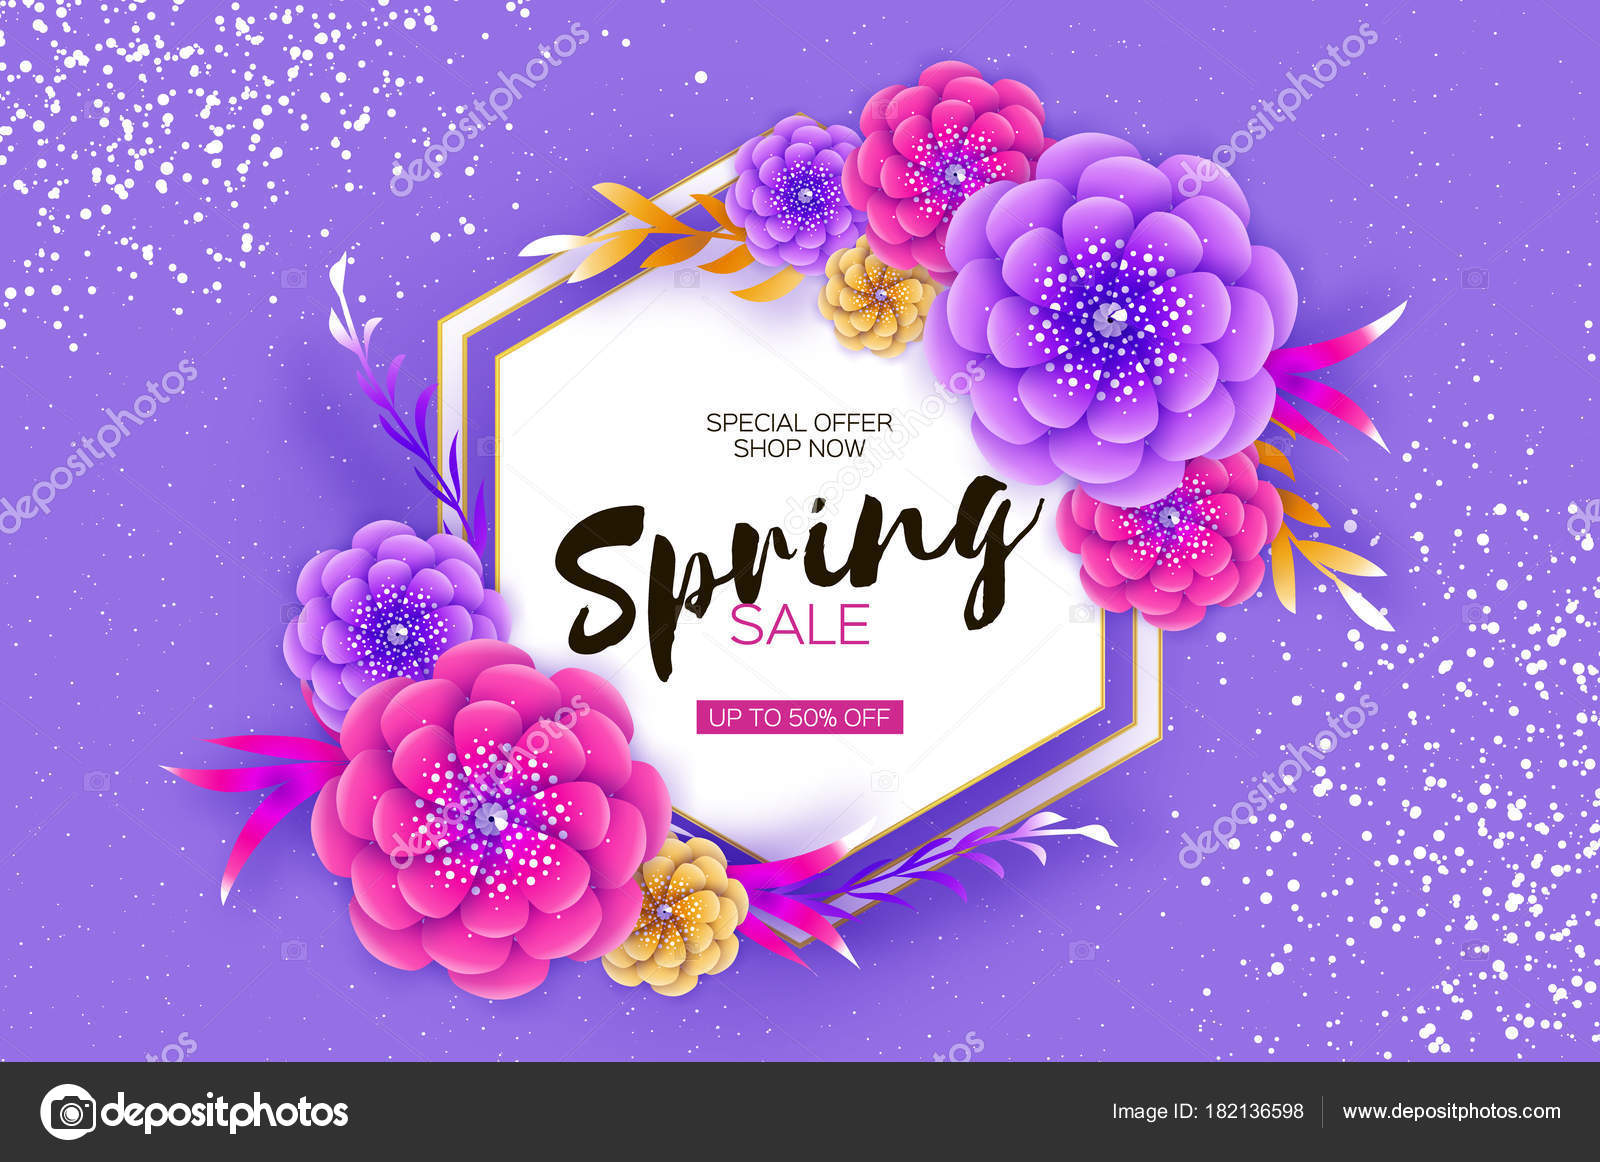 Wundervoll Welche Blumen Blühen Im März Foto Von Womens Freudentag. Origami 8. März. Trendige Muttertag.